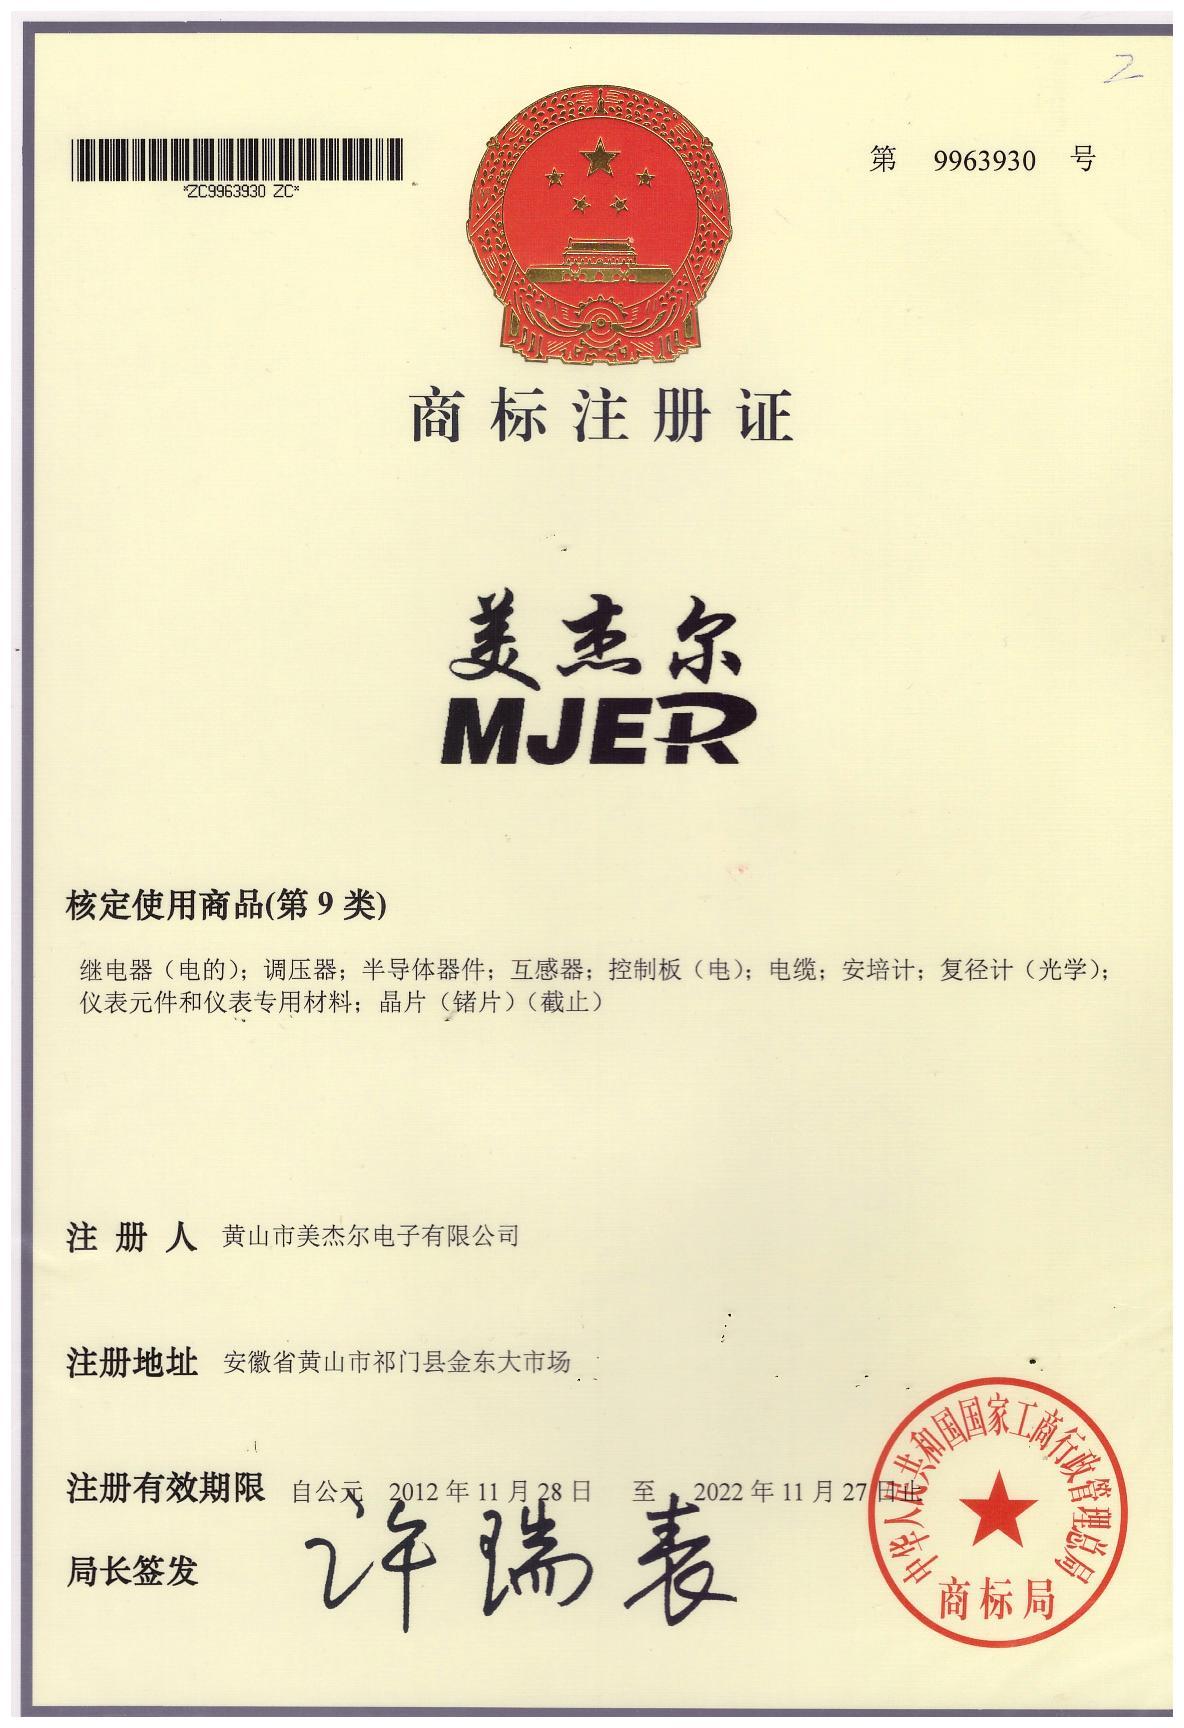 Brand register